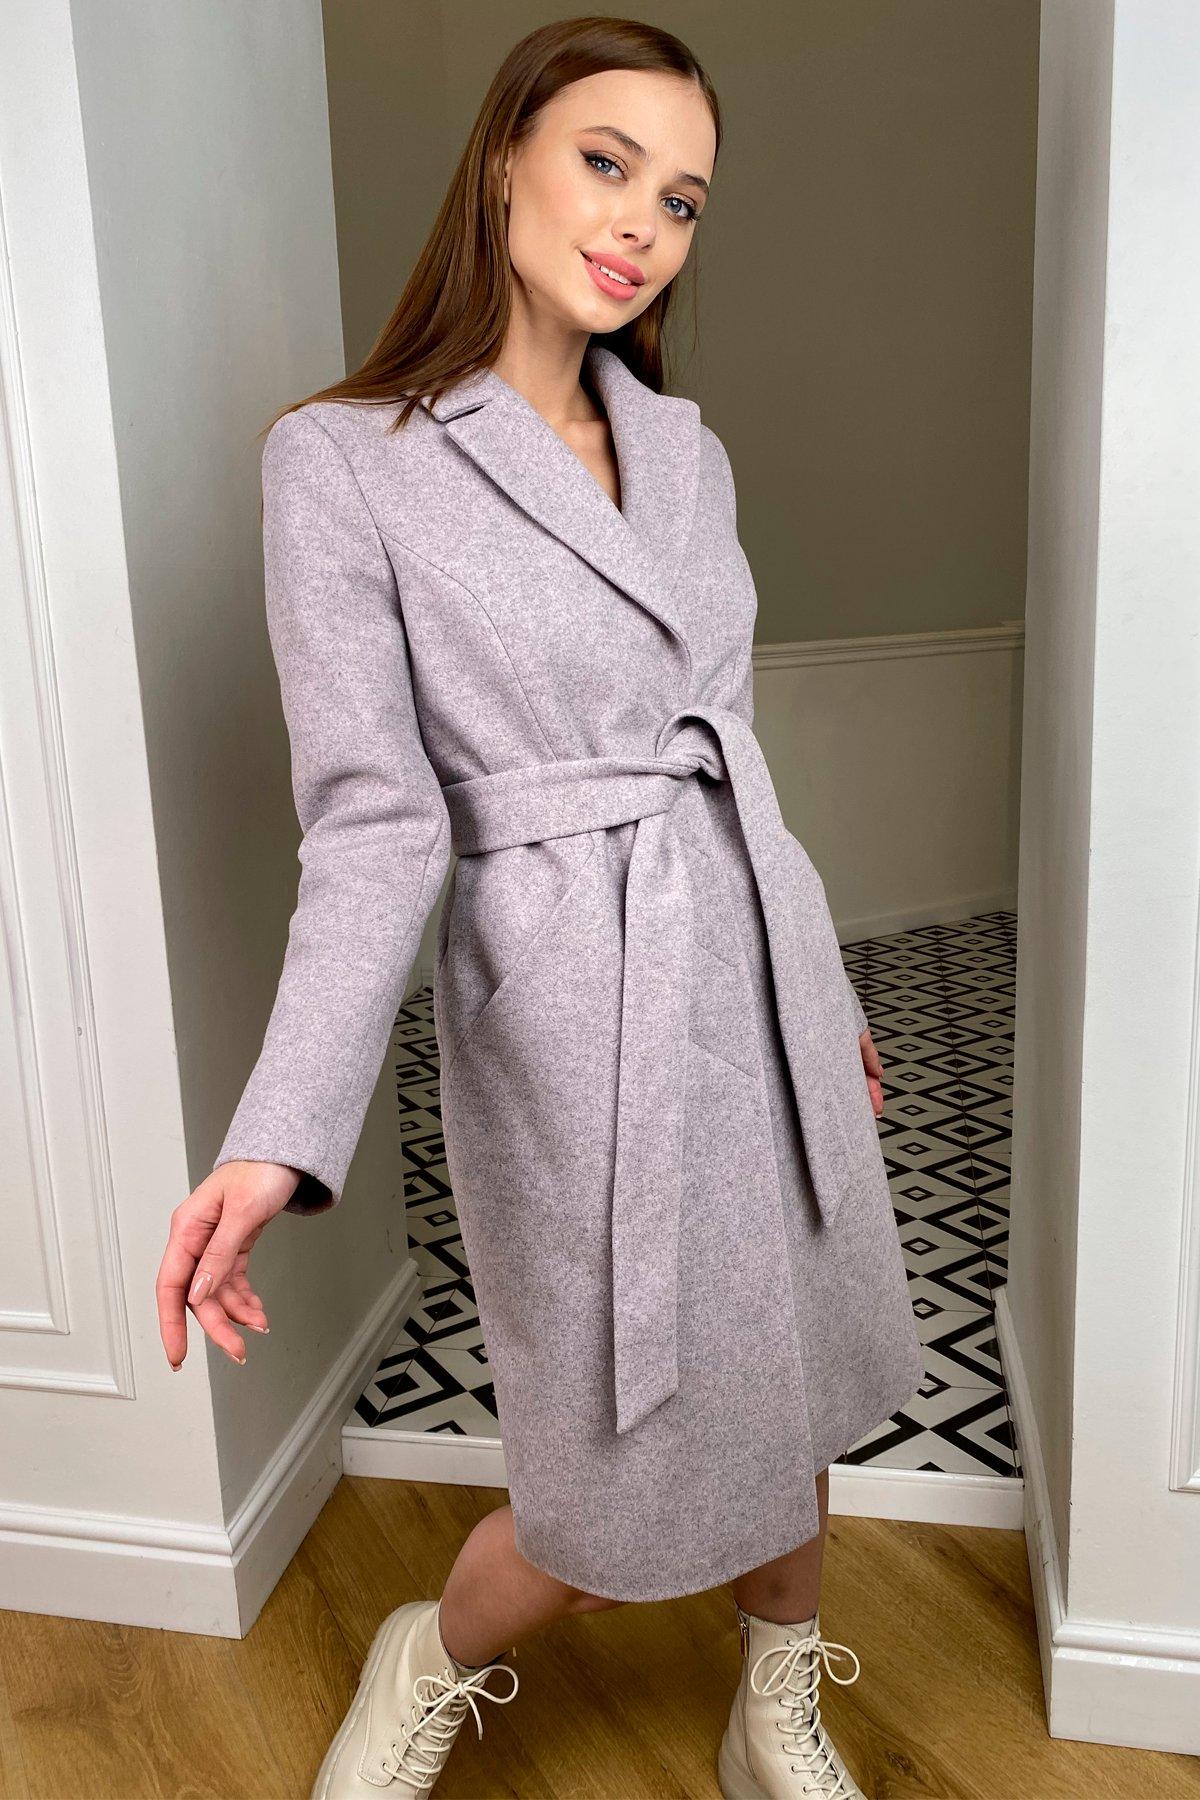 Пальто зима Мехико 8273 АРТ. 44381 Цвет: Серо-розовый 46 - фото 5, интернет магазин tm-modus.ru